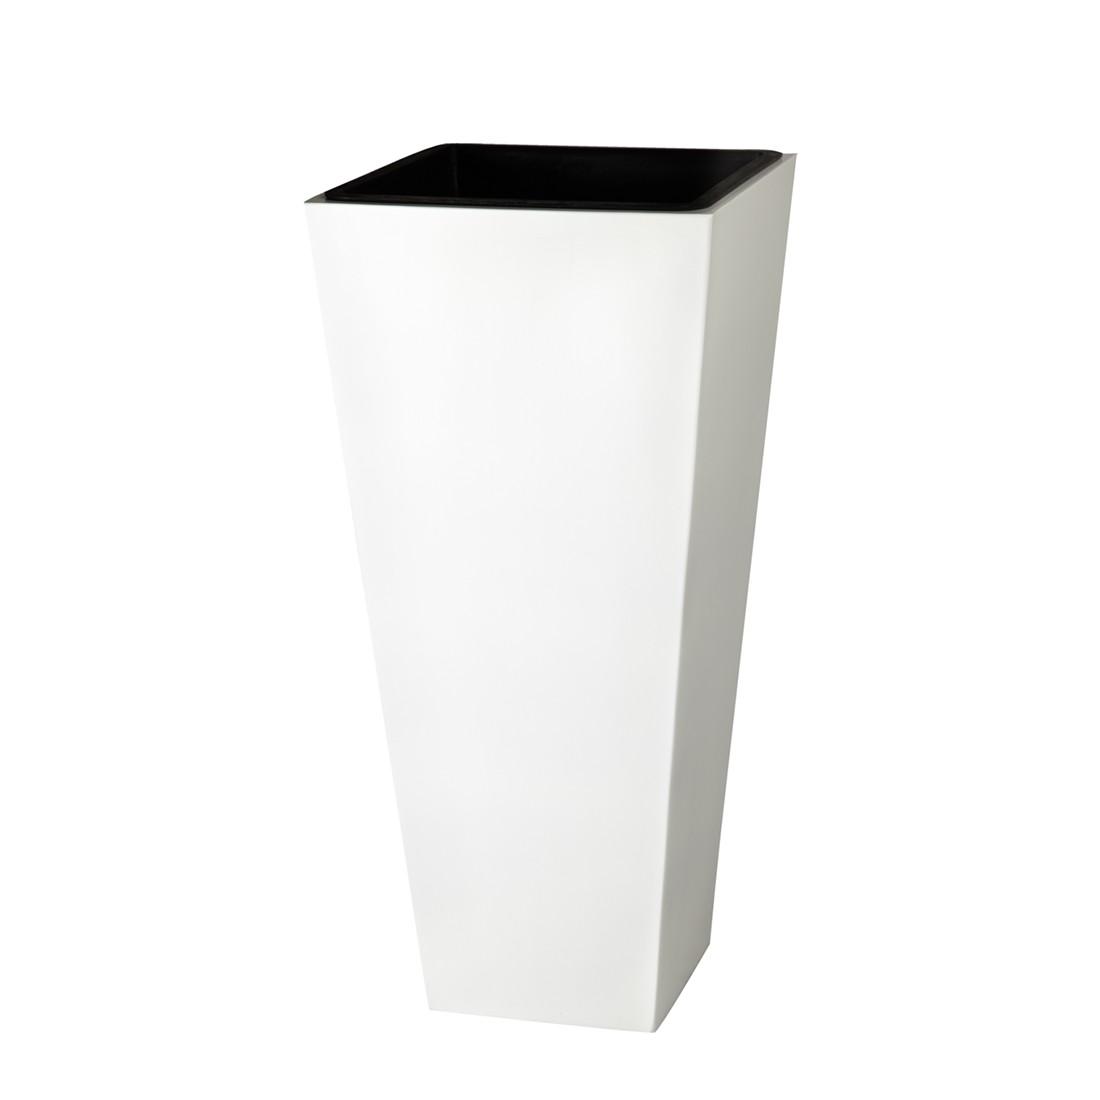 Pflanzkübel – 28 x 28 x 60 cm – Fiberglas – Weiß, Gartenfreude günstig online kaufen